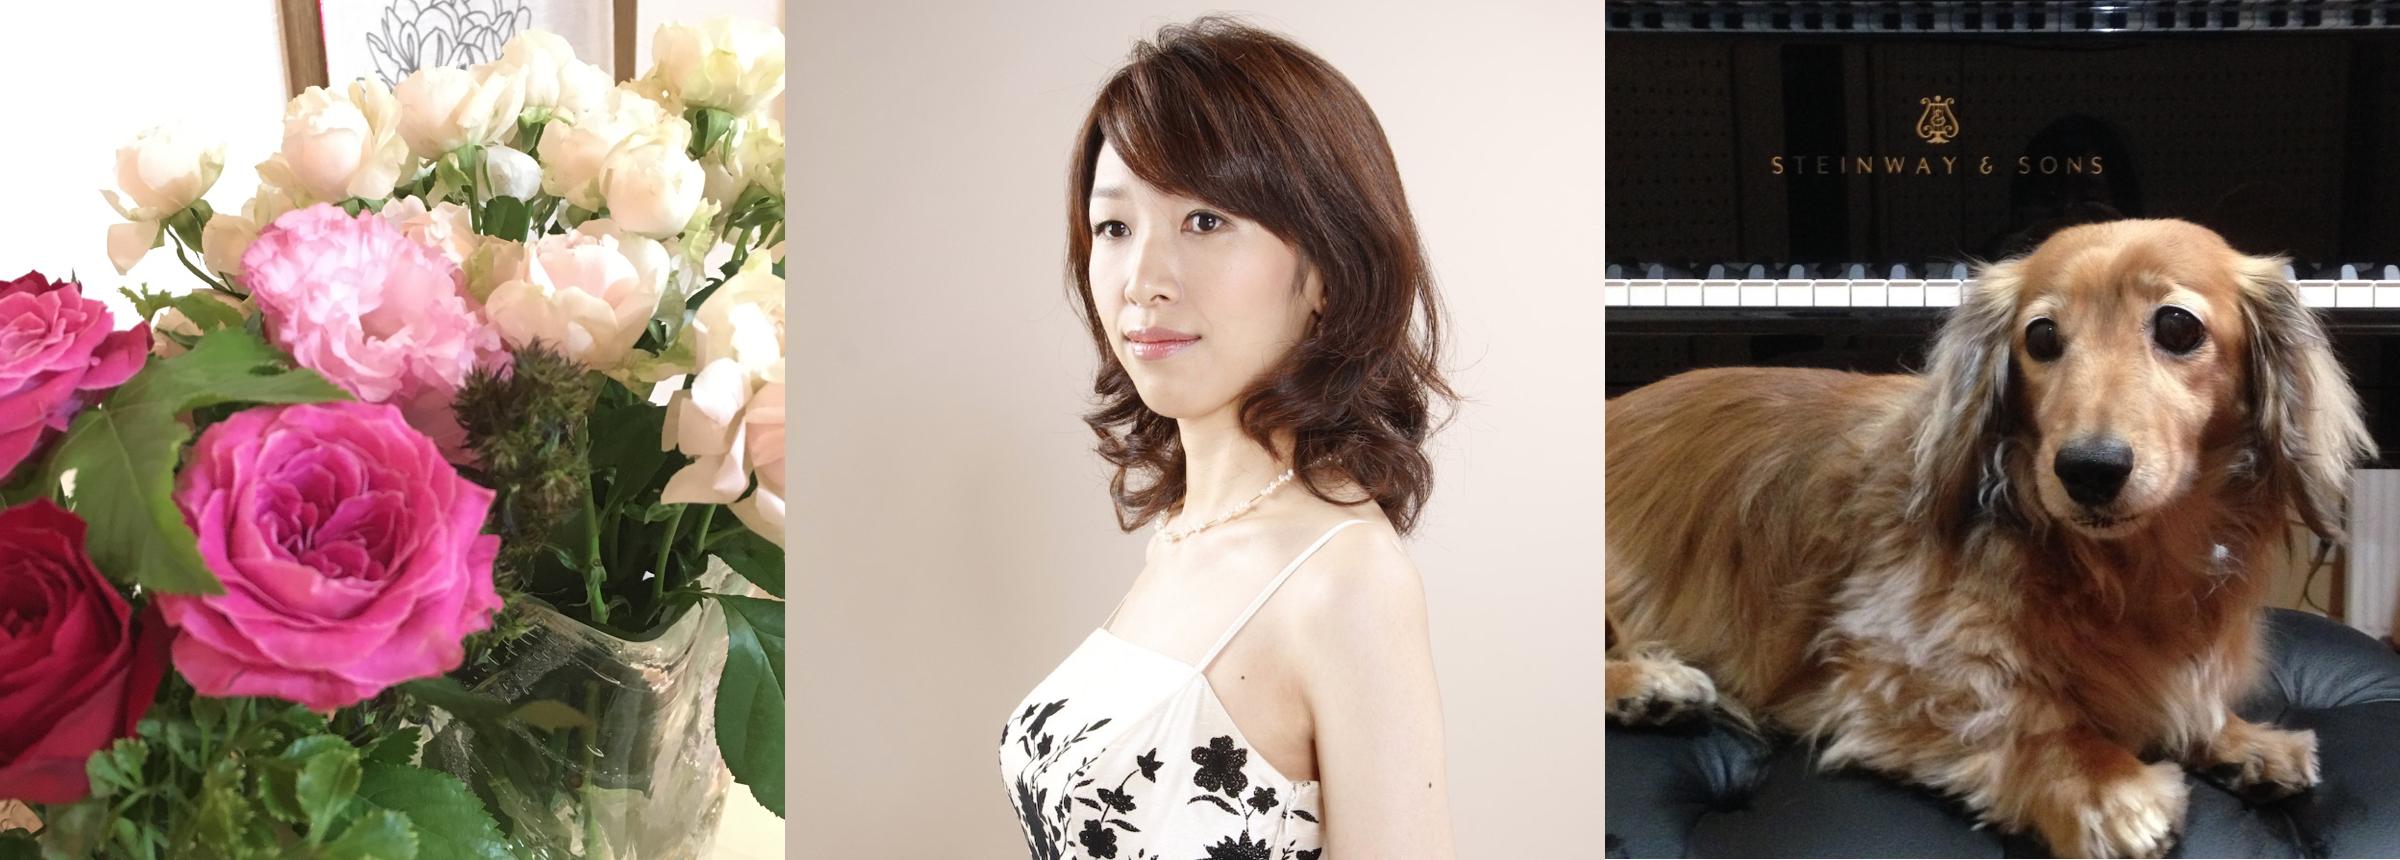 ピアニスト崔理英オフィシャルサイト&ブログ